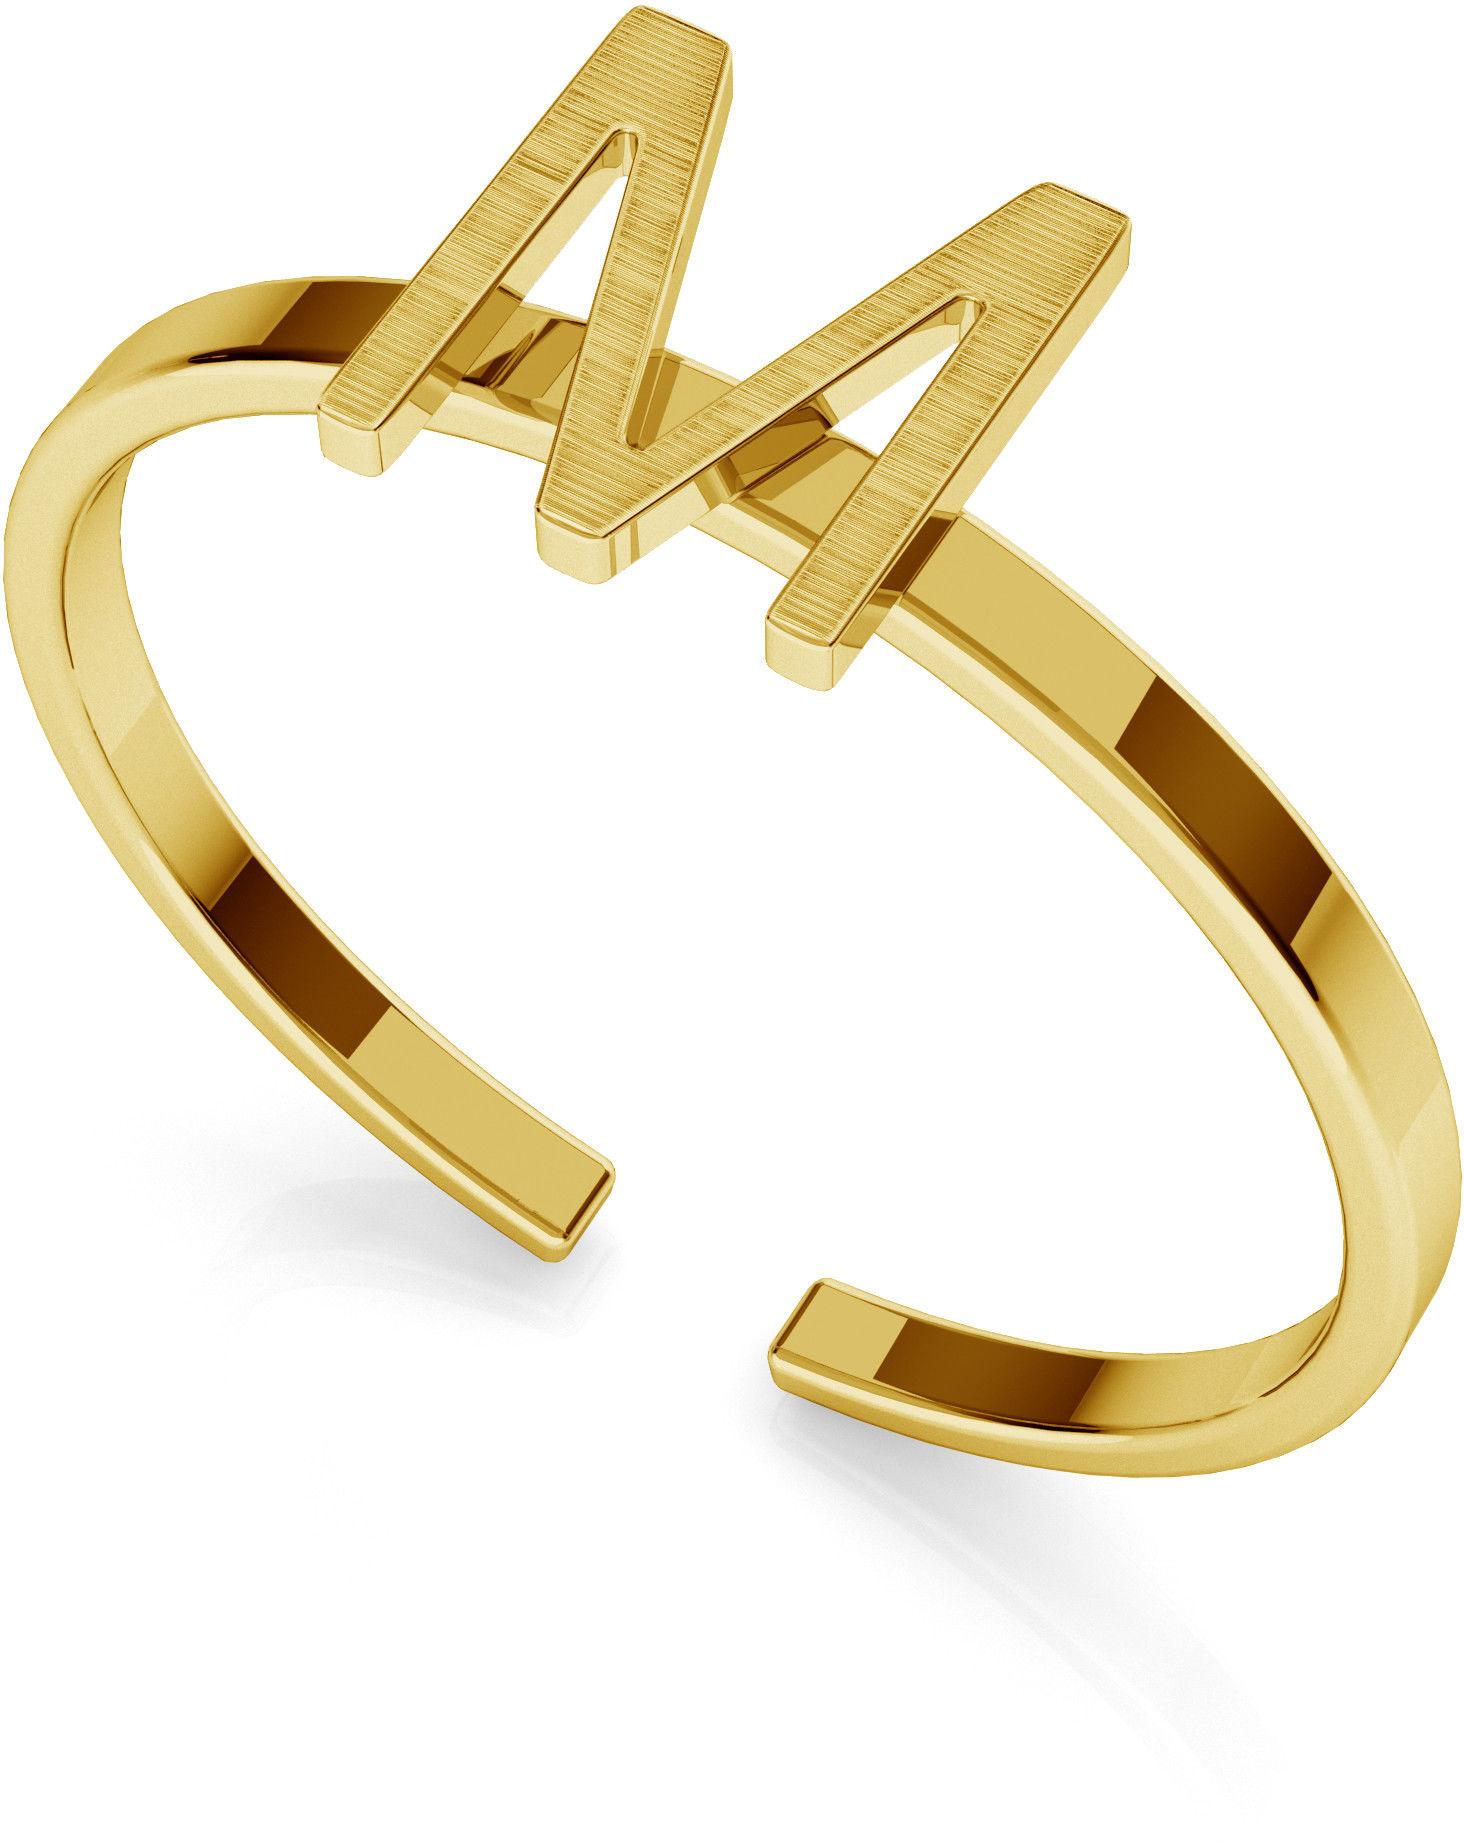 Srebrny pierścionek z literką My RING, srebro 925 : Litera - I, Srebro - kolor pokrycia - Pokrycie żółtym 18K złotem